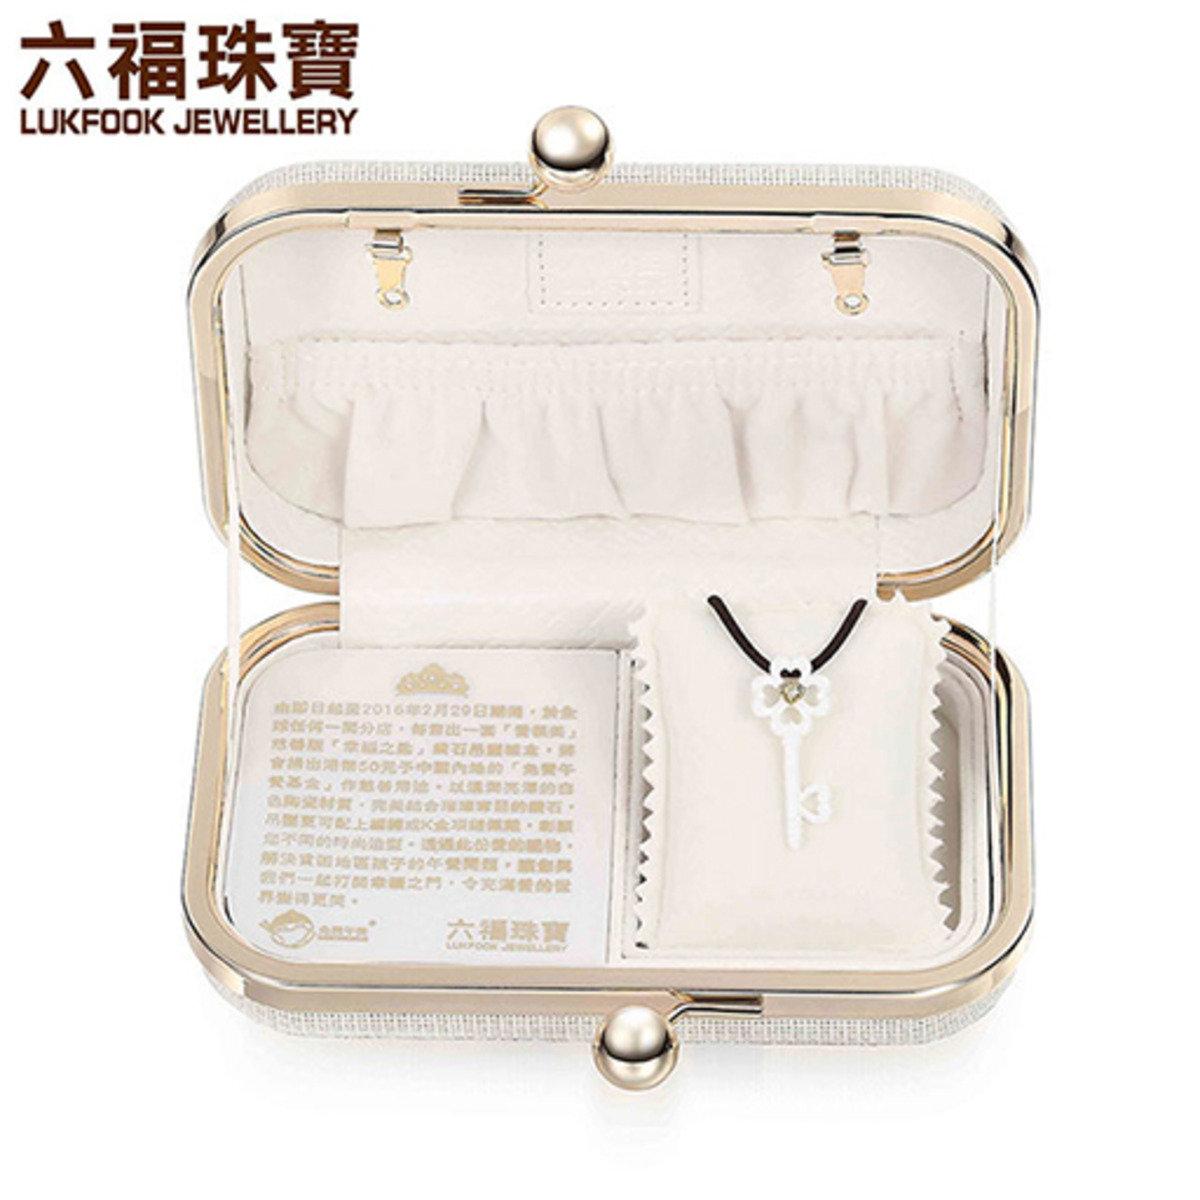 愛很美 慈善版9K/375金鑽石吊墜禮盒